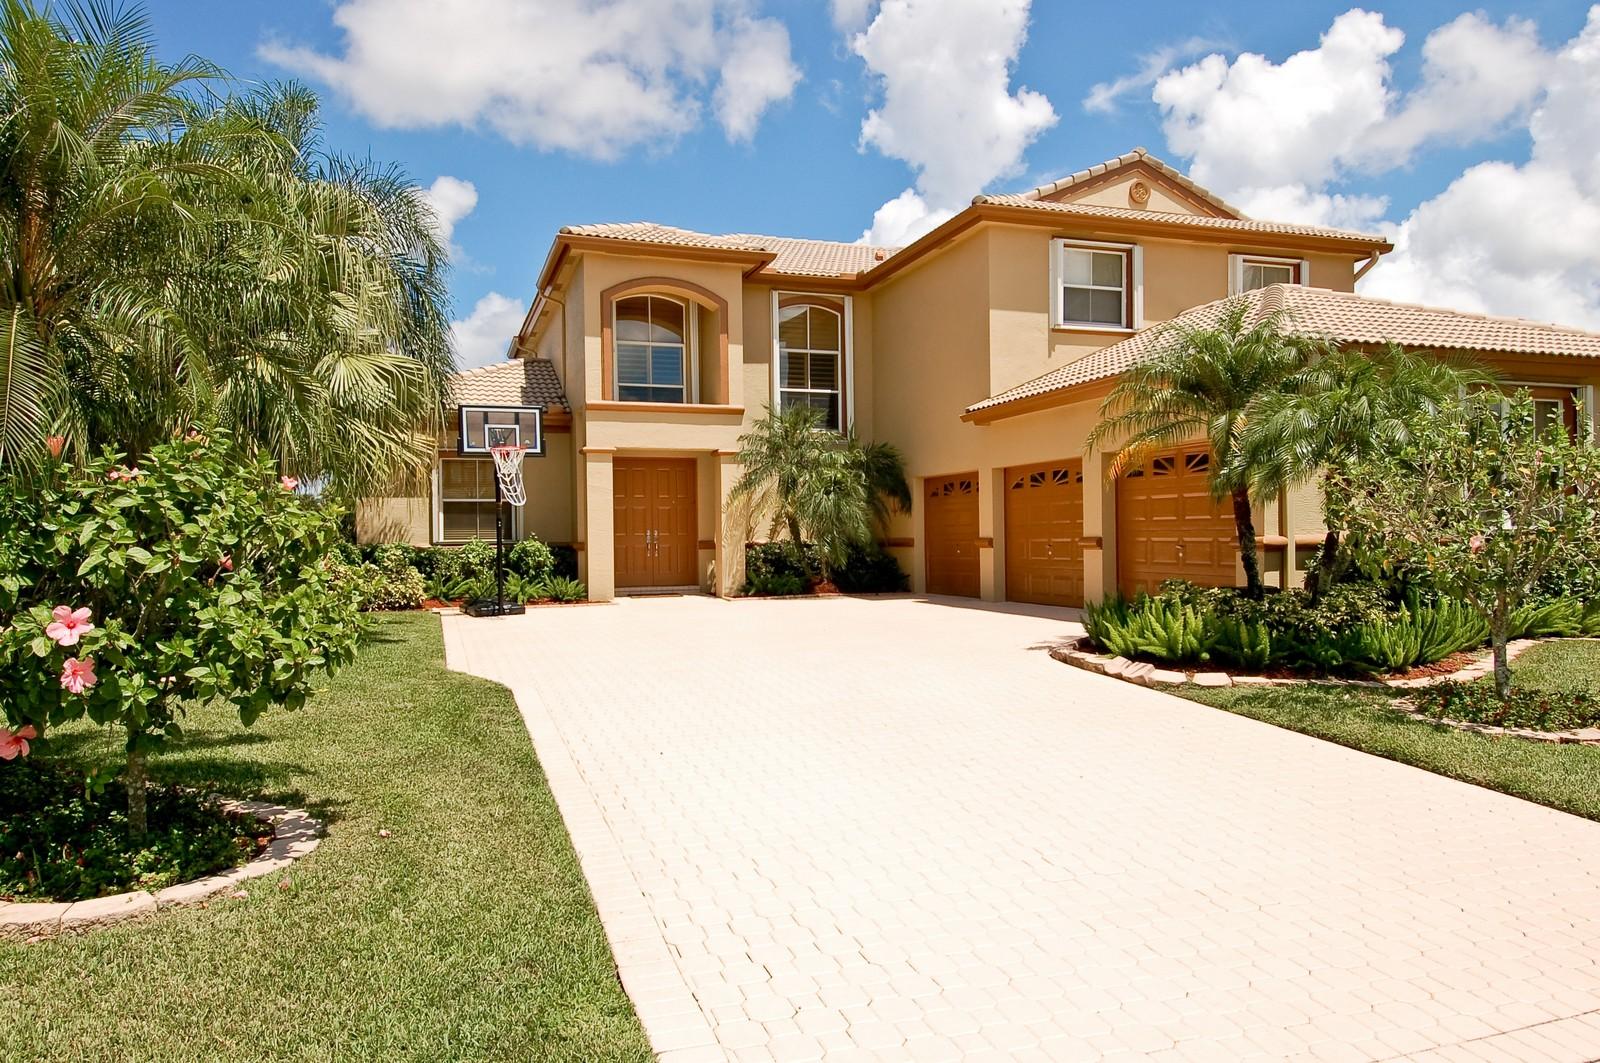 Real Estate Photography - 11308 Sea Grass Cir, Boca Raton, FL, 33498 - Front View